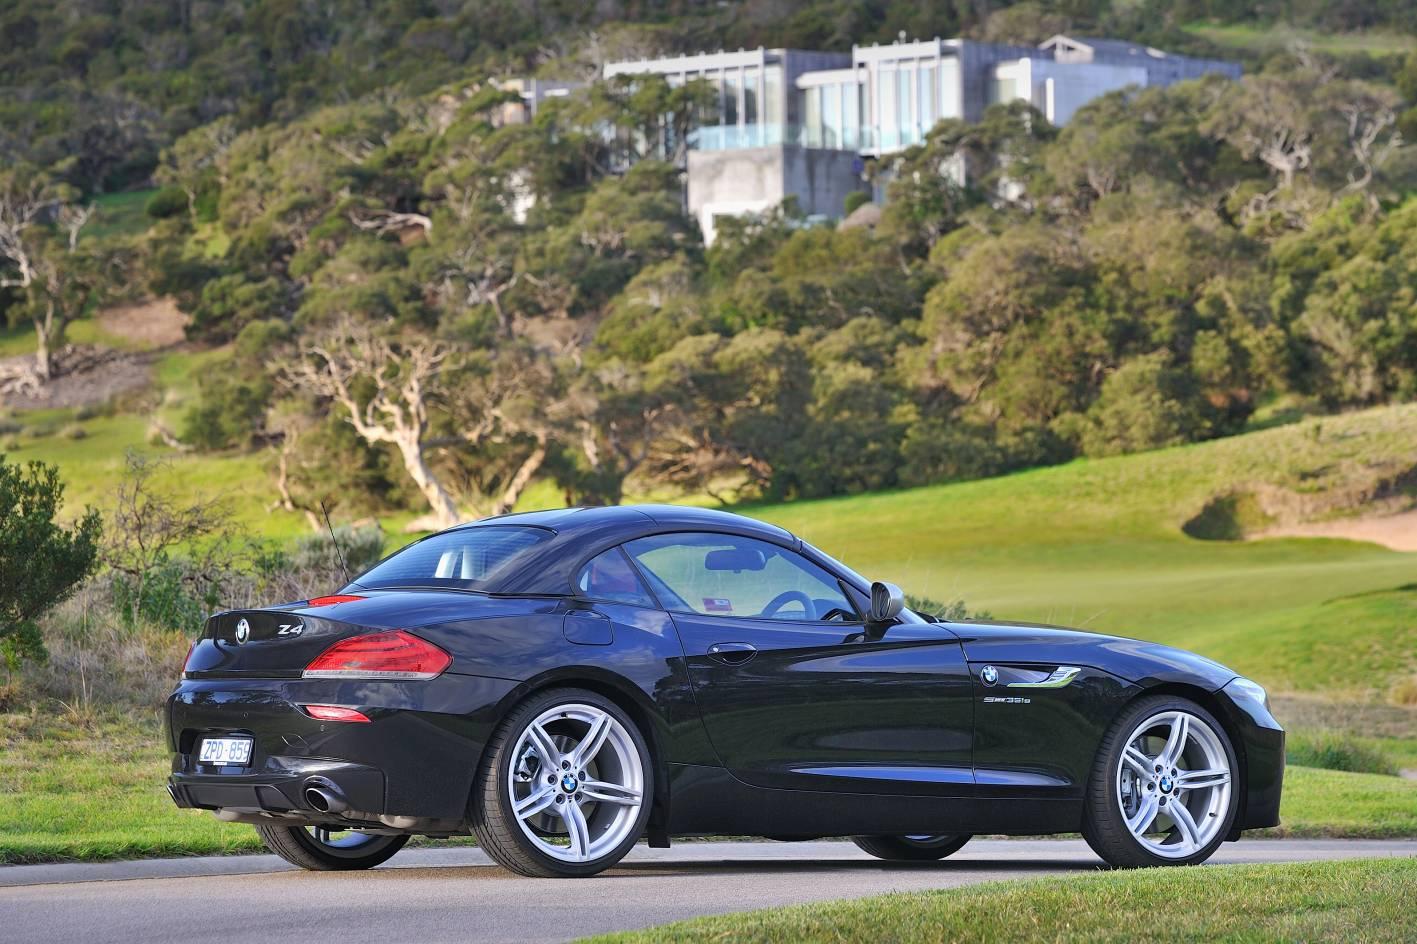 LCI BMW E89 Z4 Pricing For Australia Released Autoevolution